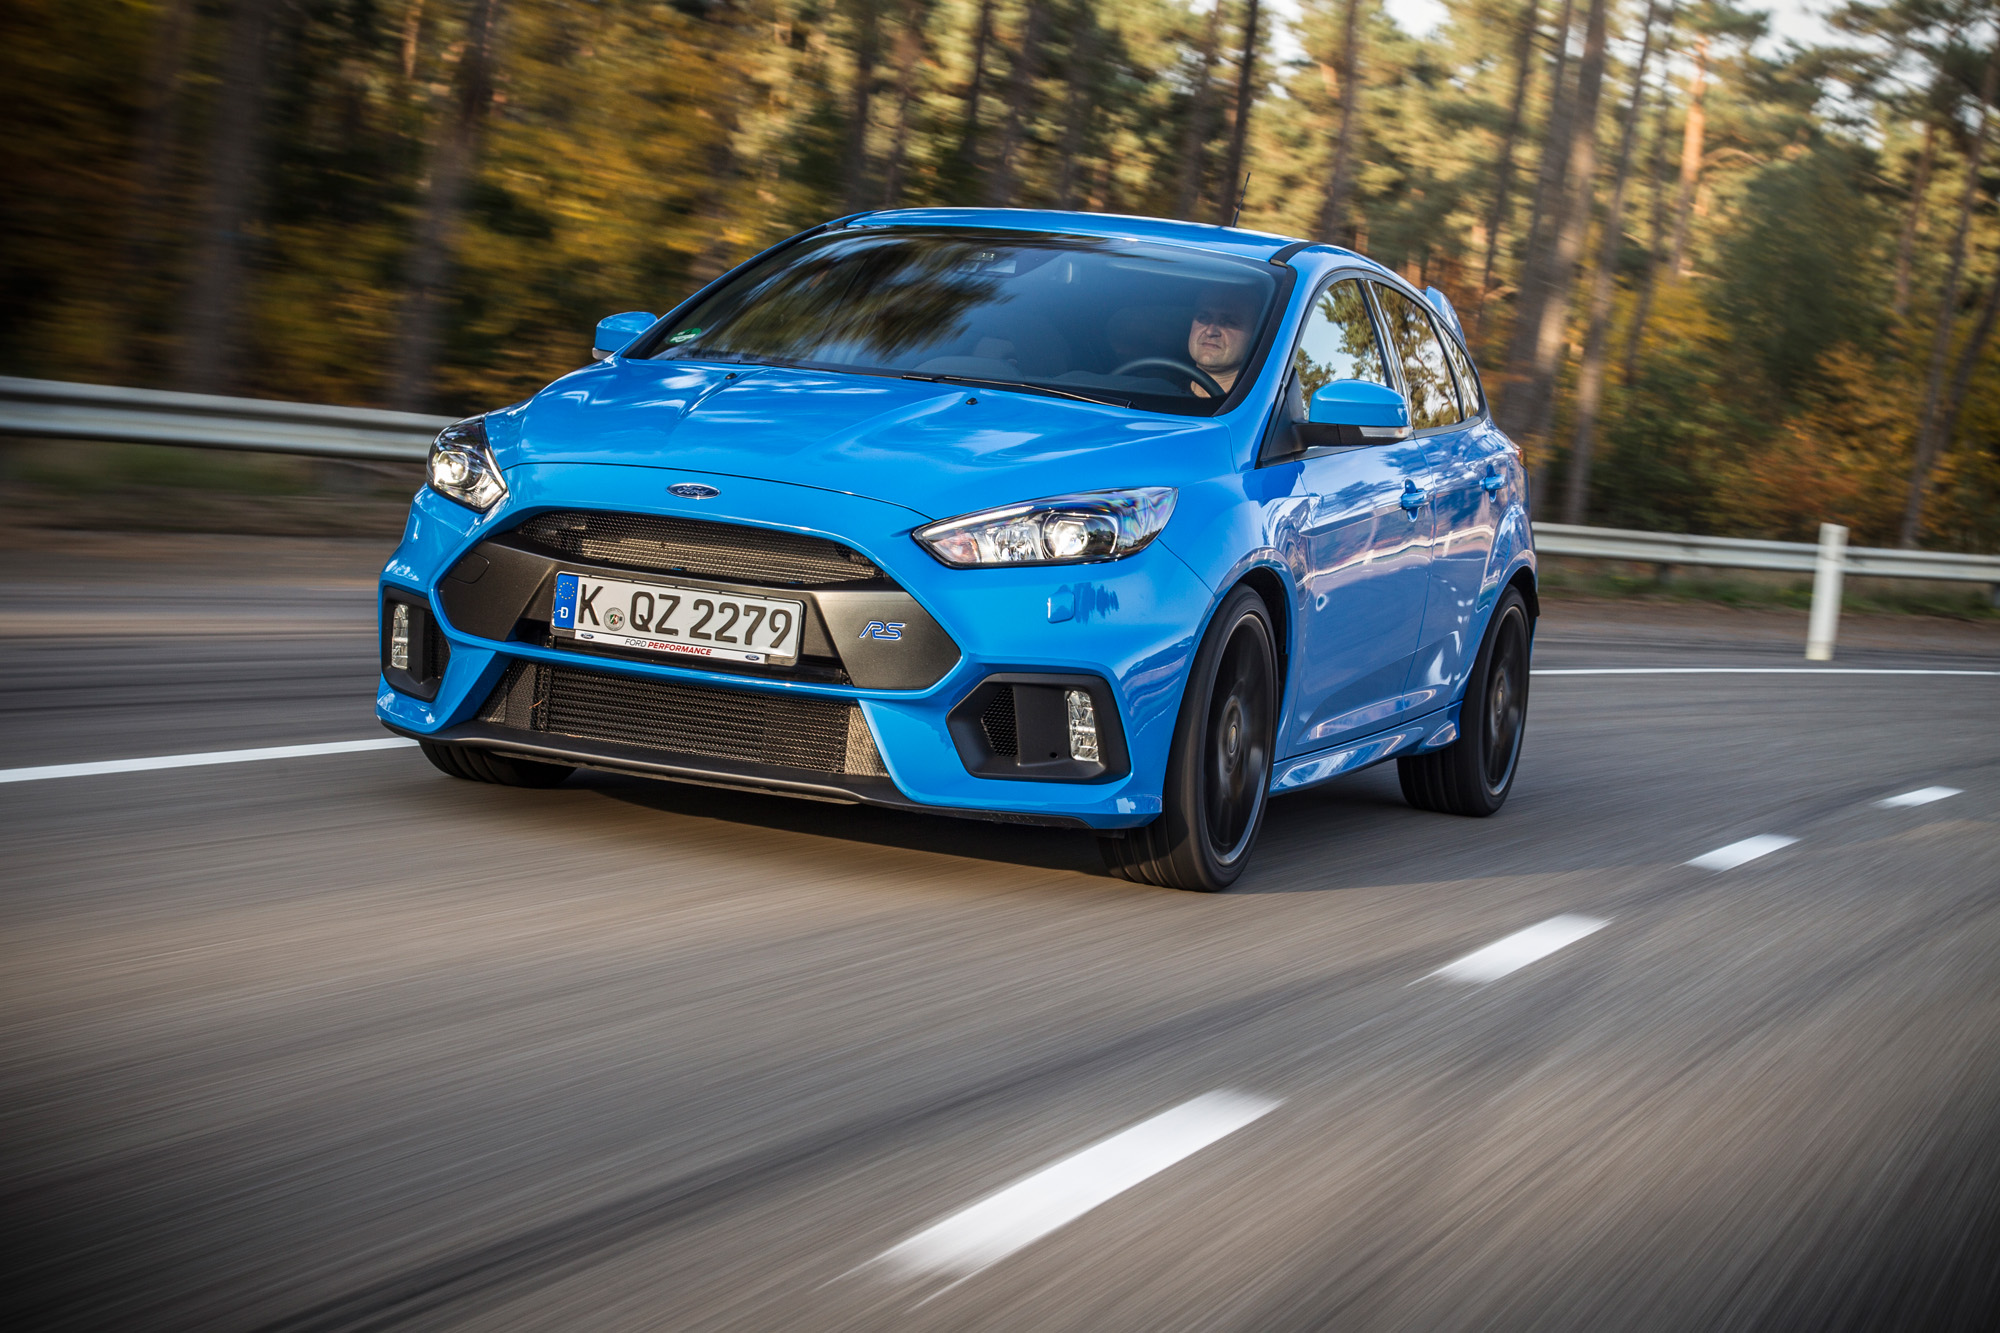 Ultimativen Fahrspaß findet der Ford Focus Mk3 RS nur in freier Wildbahn.